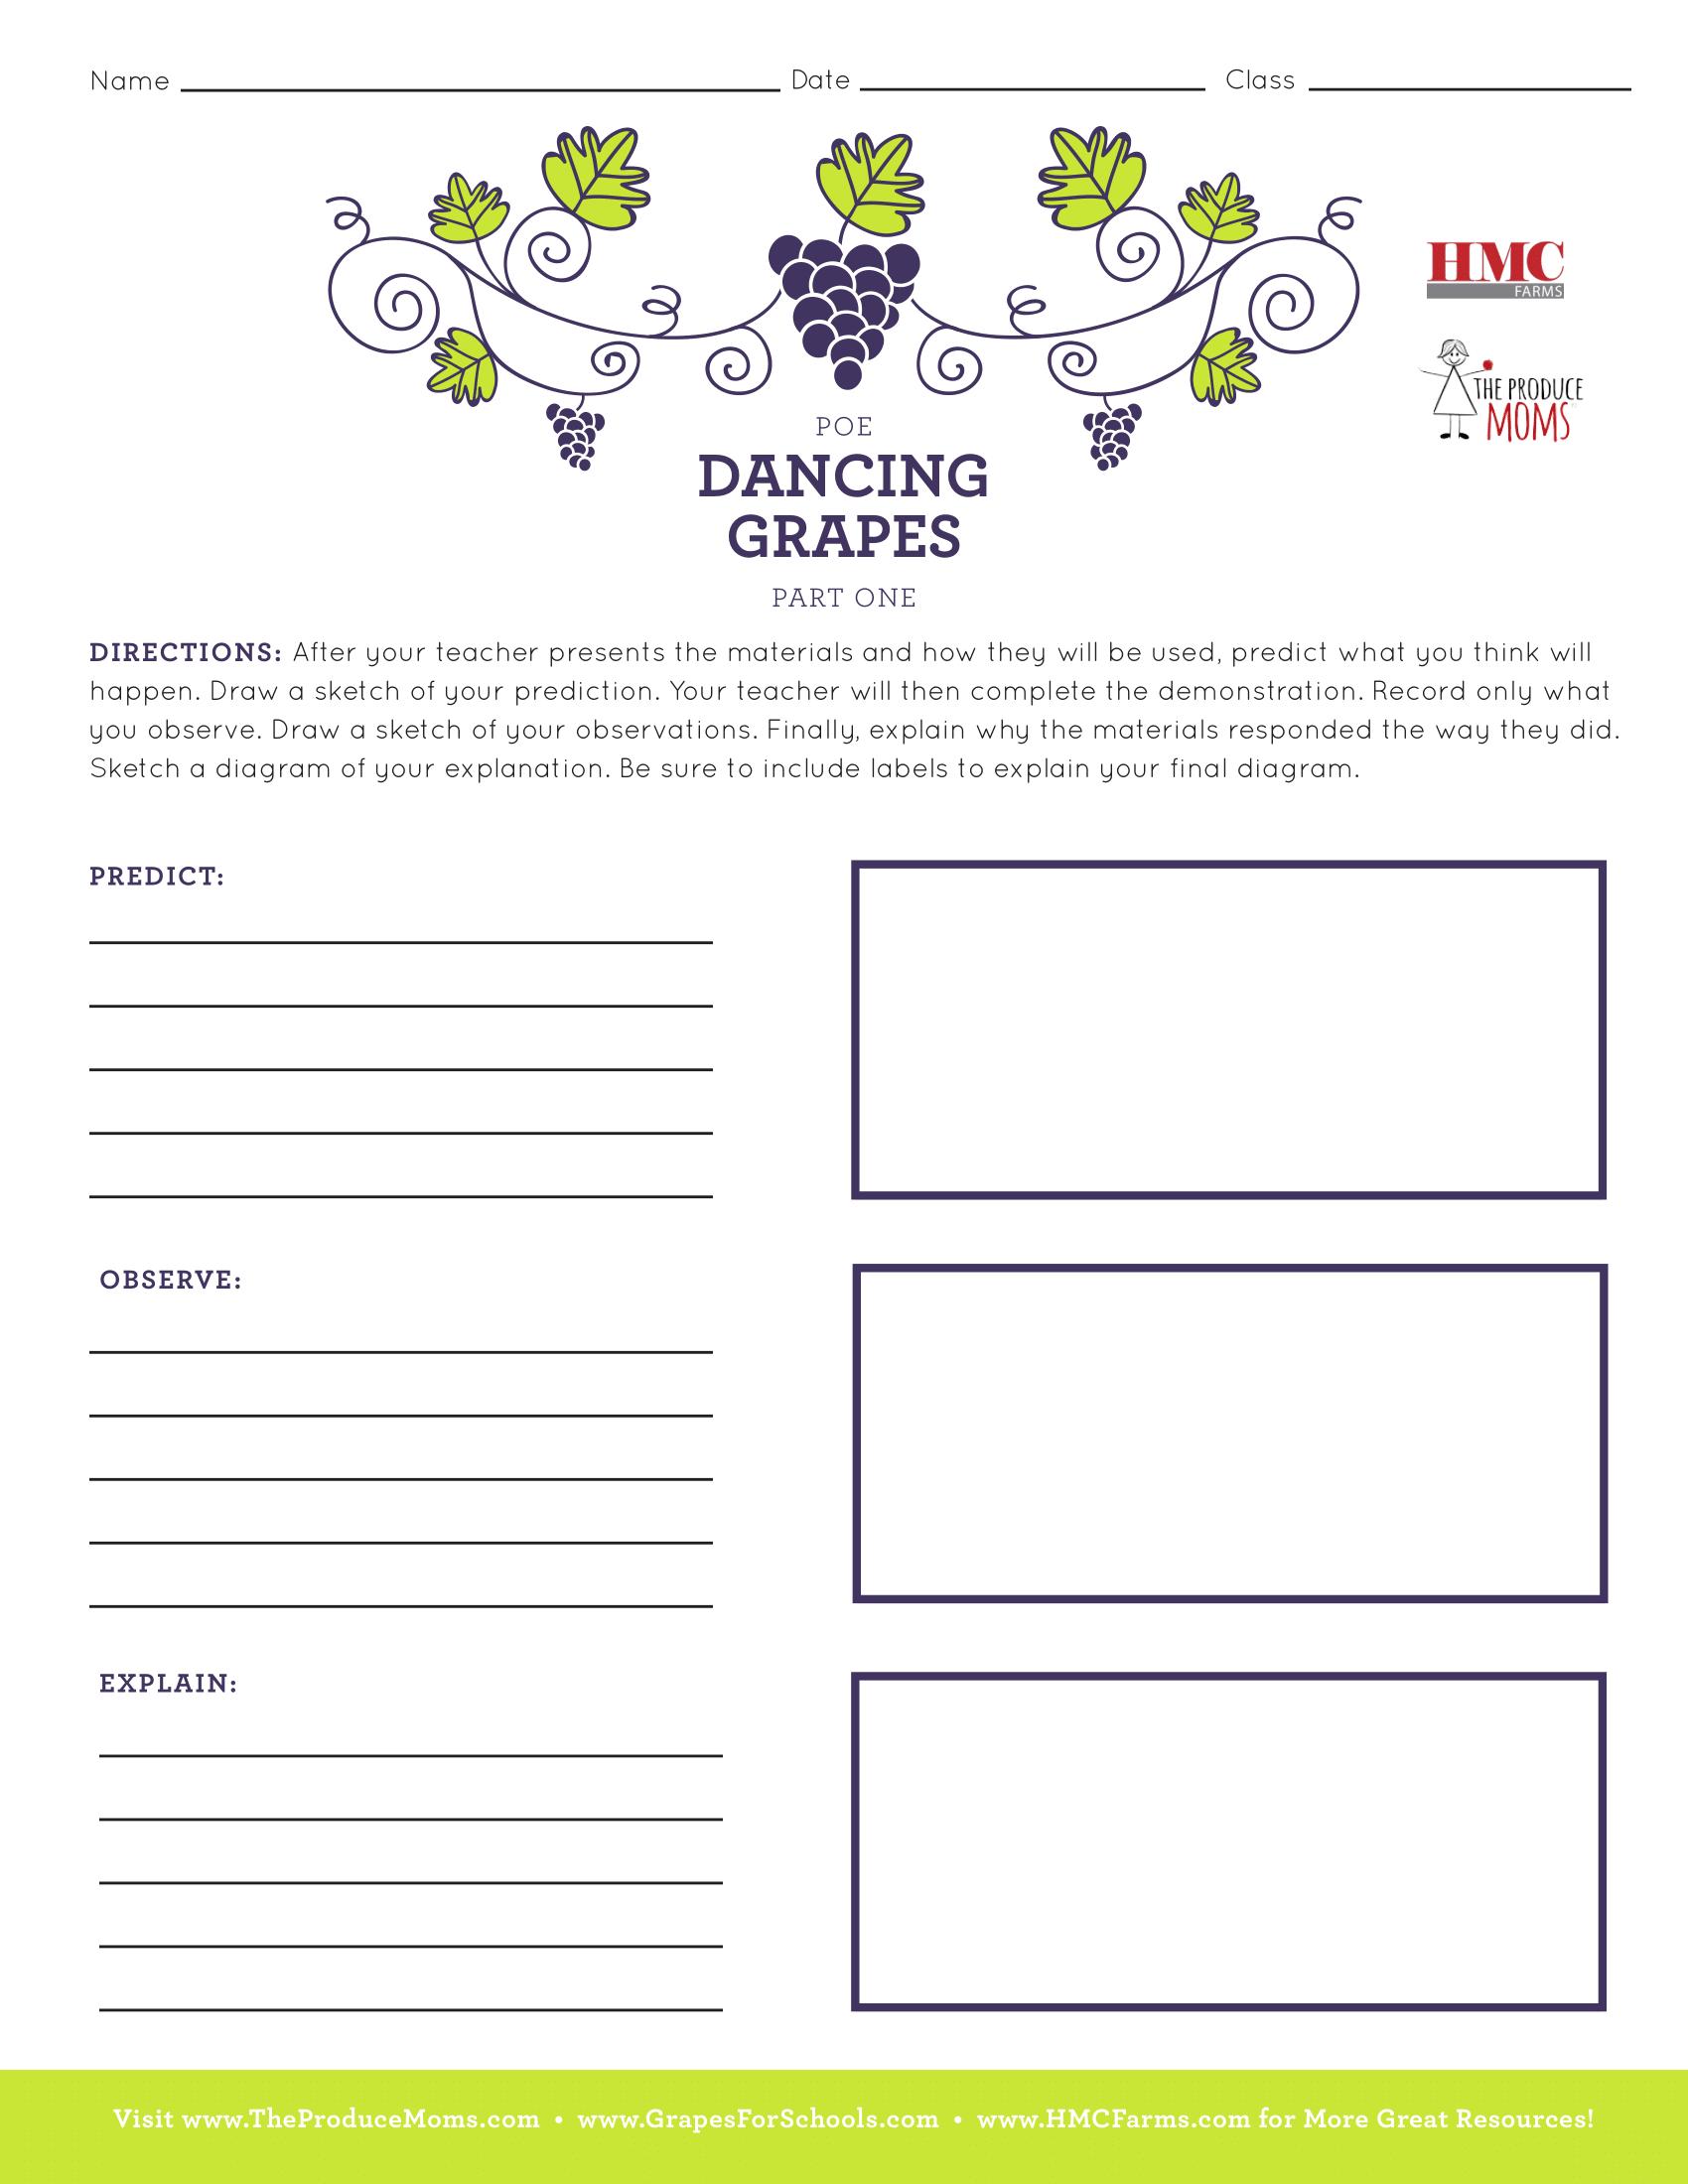 STEM - Dancing Grapes 2